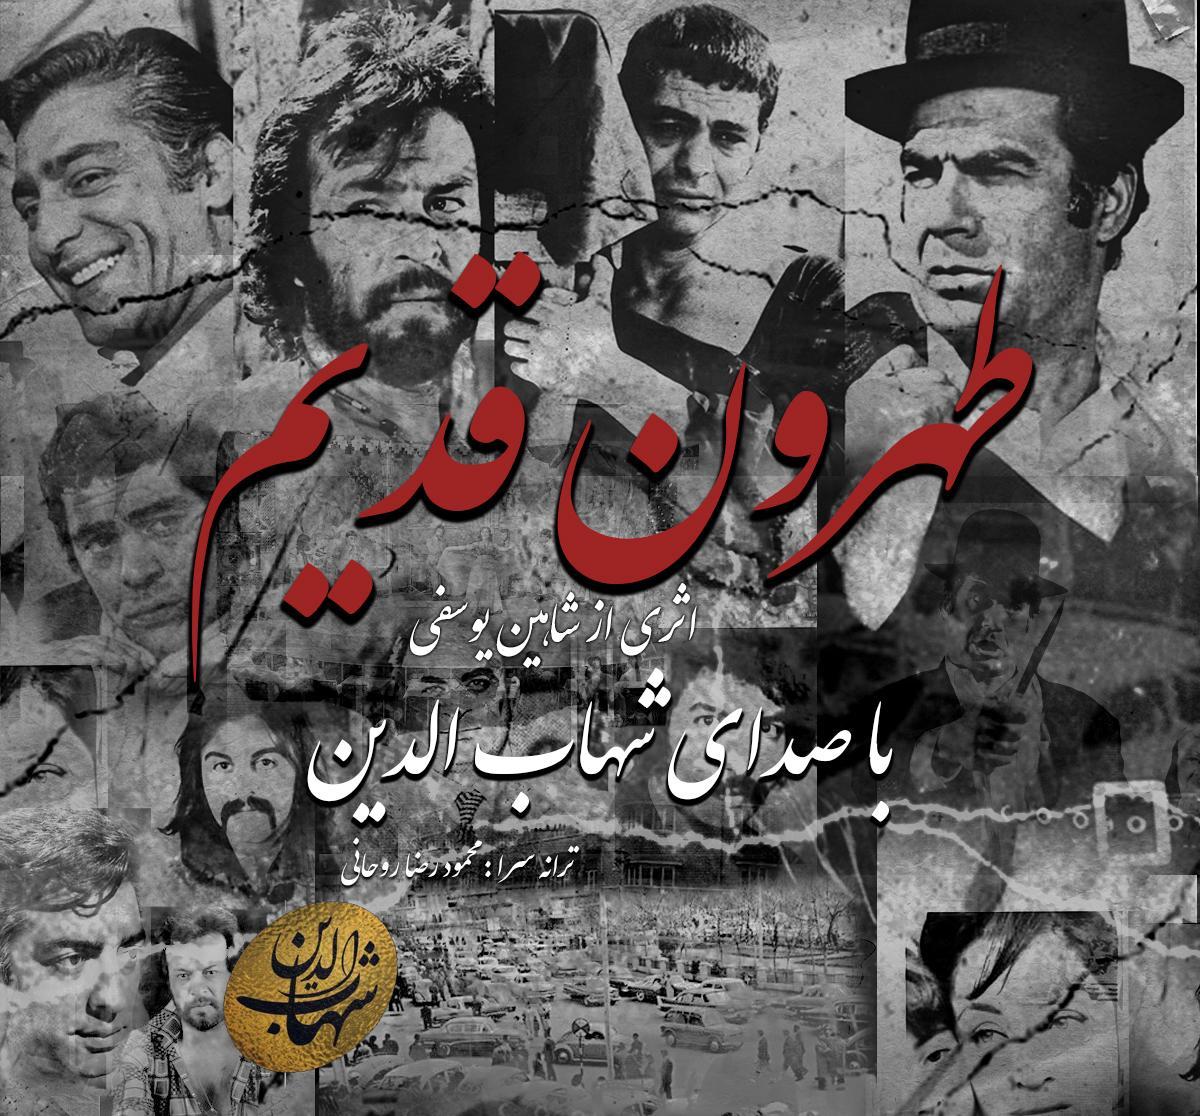 Shahabodin – Tehroone Ghadim